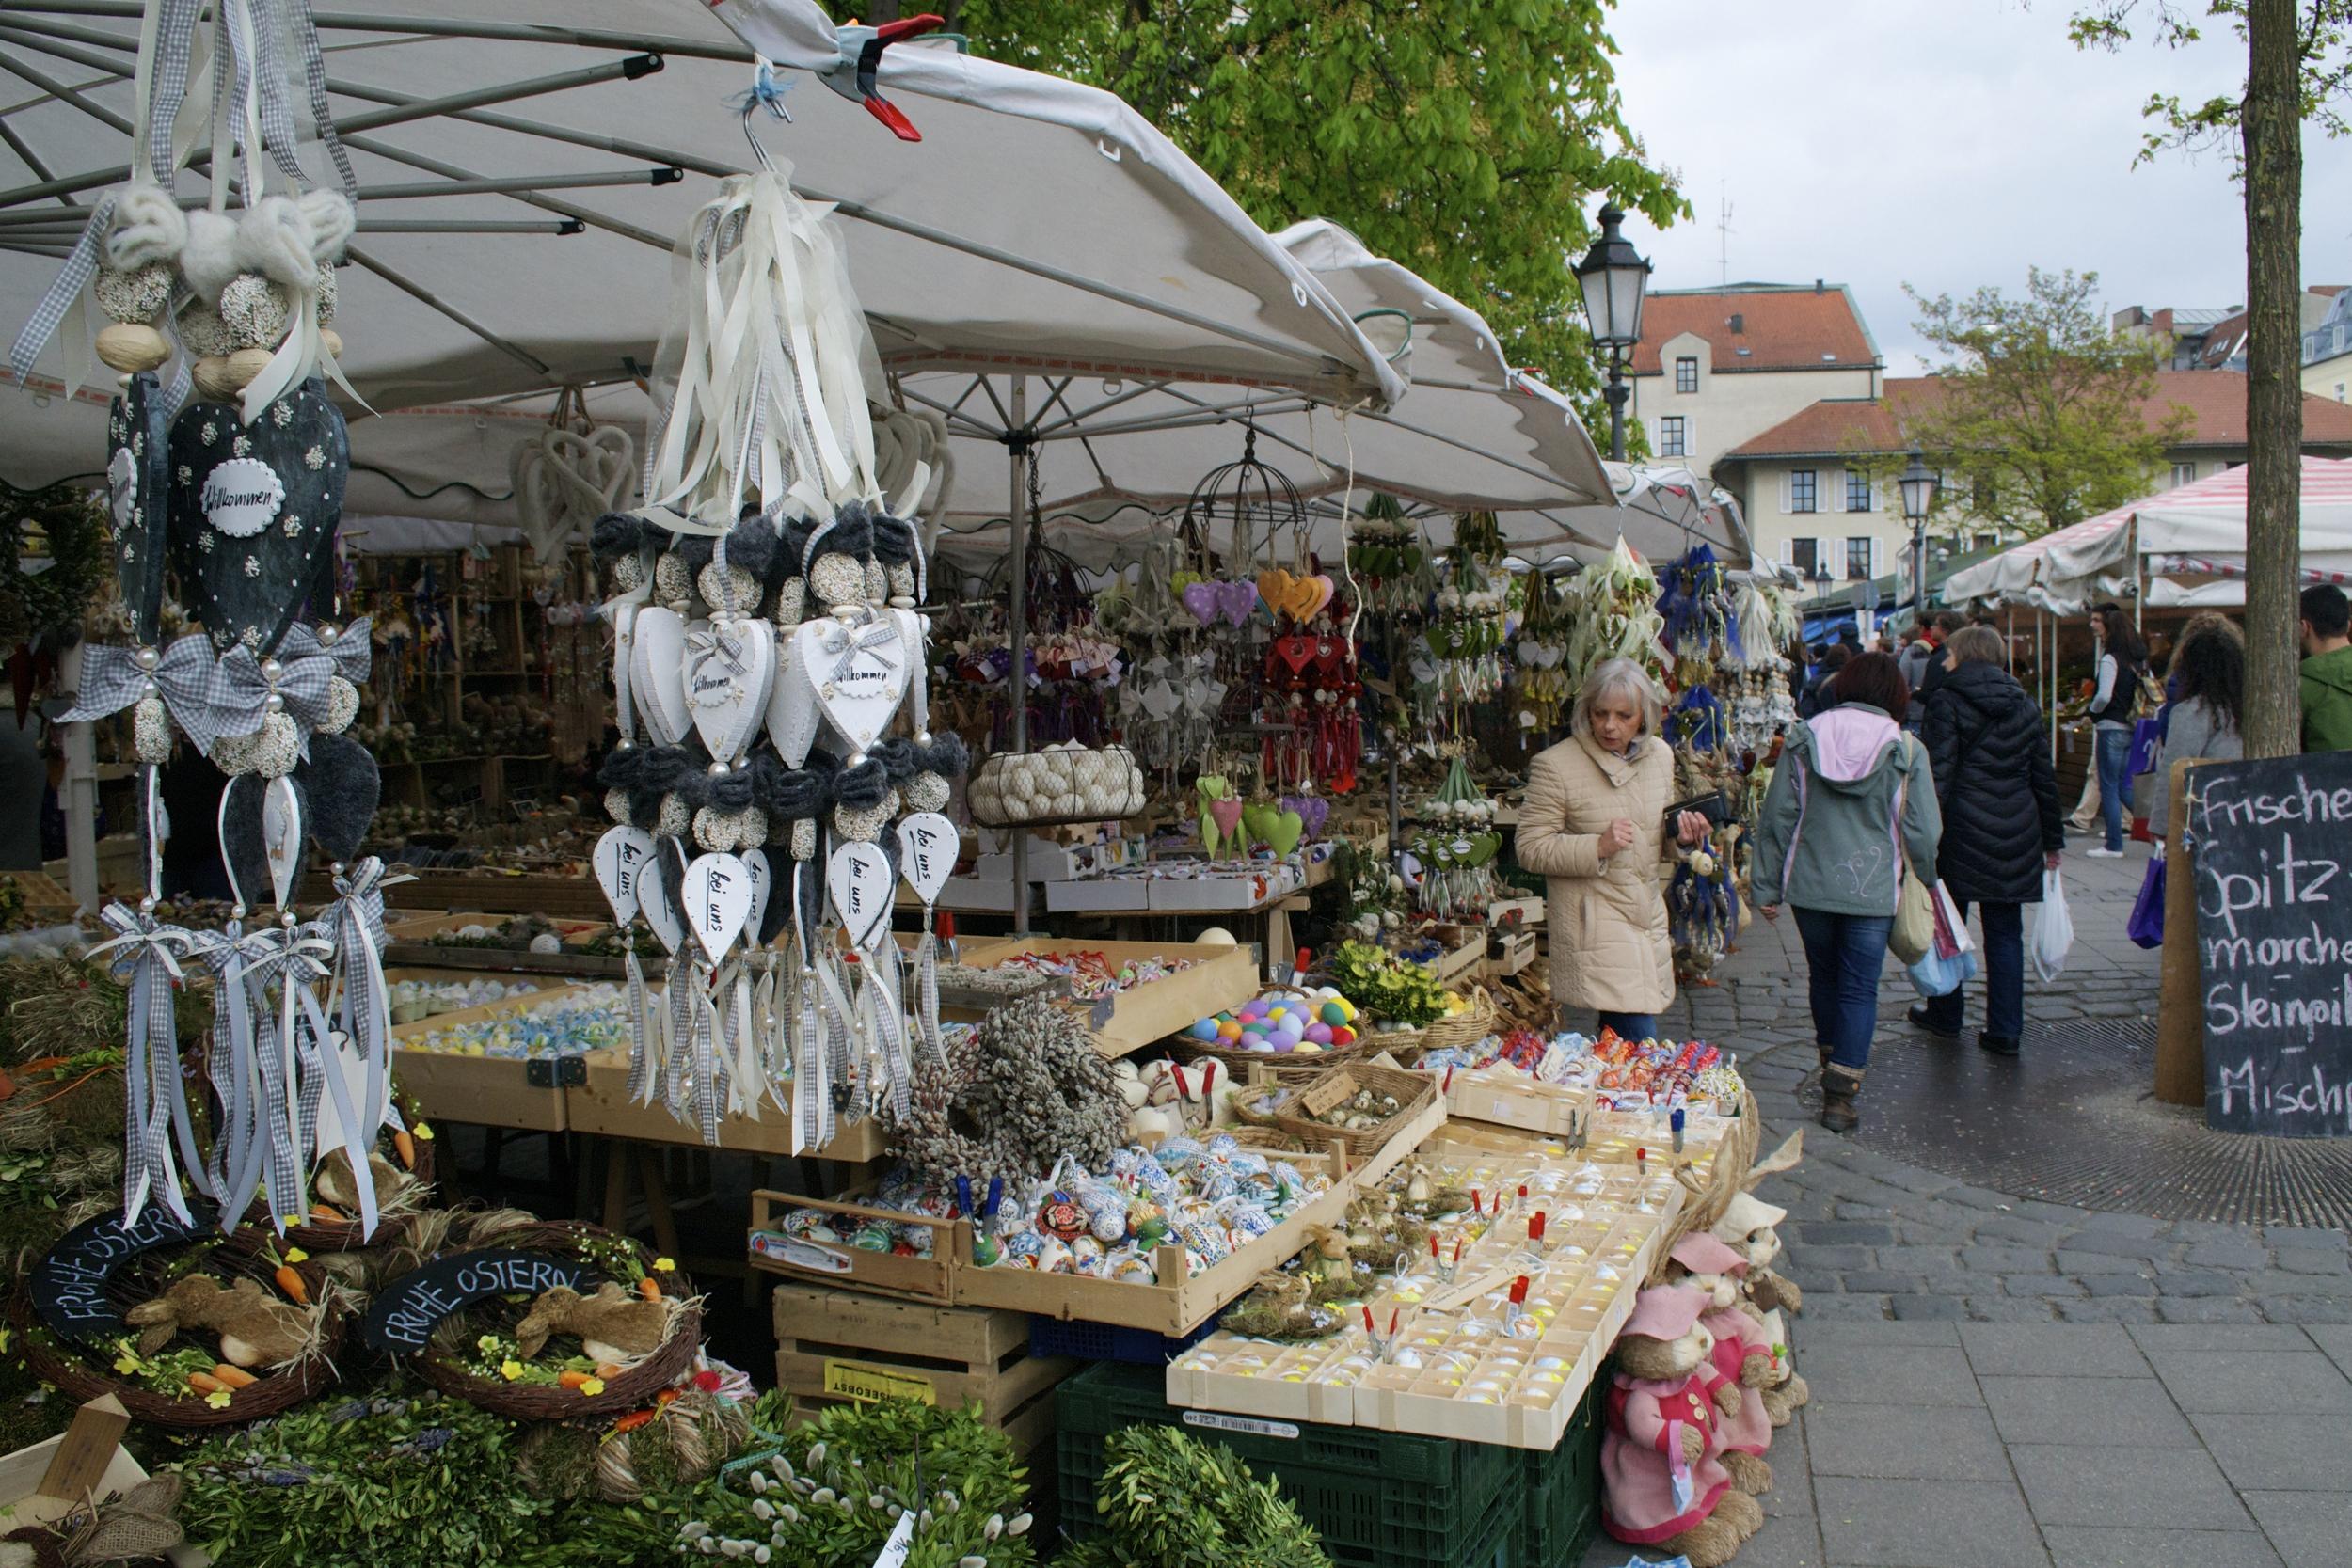 Easter displays at the Viktualienmakrt.